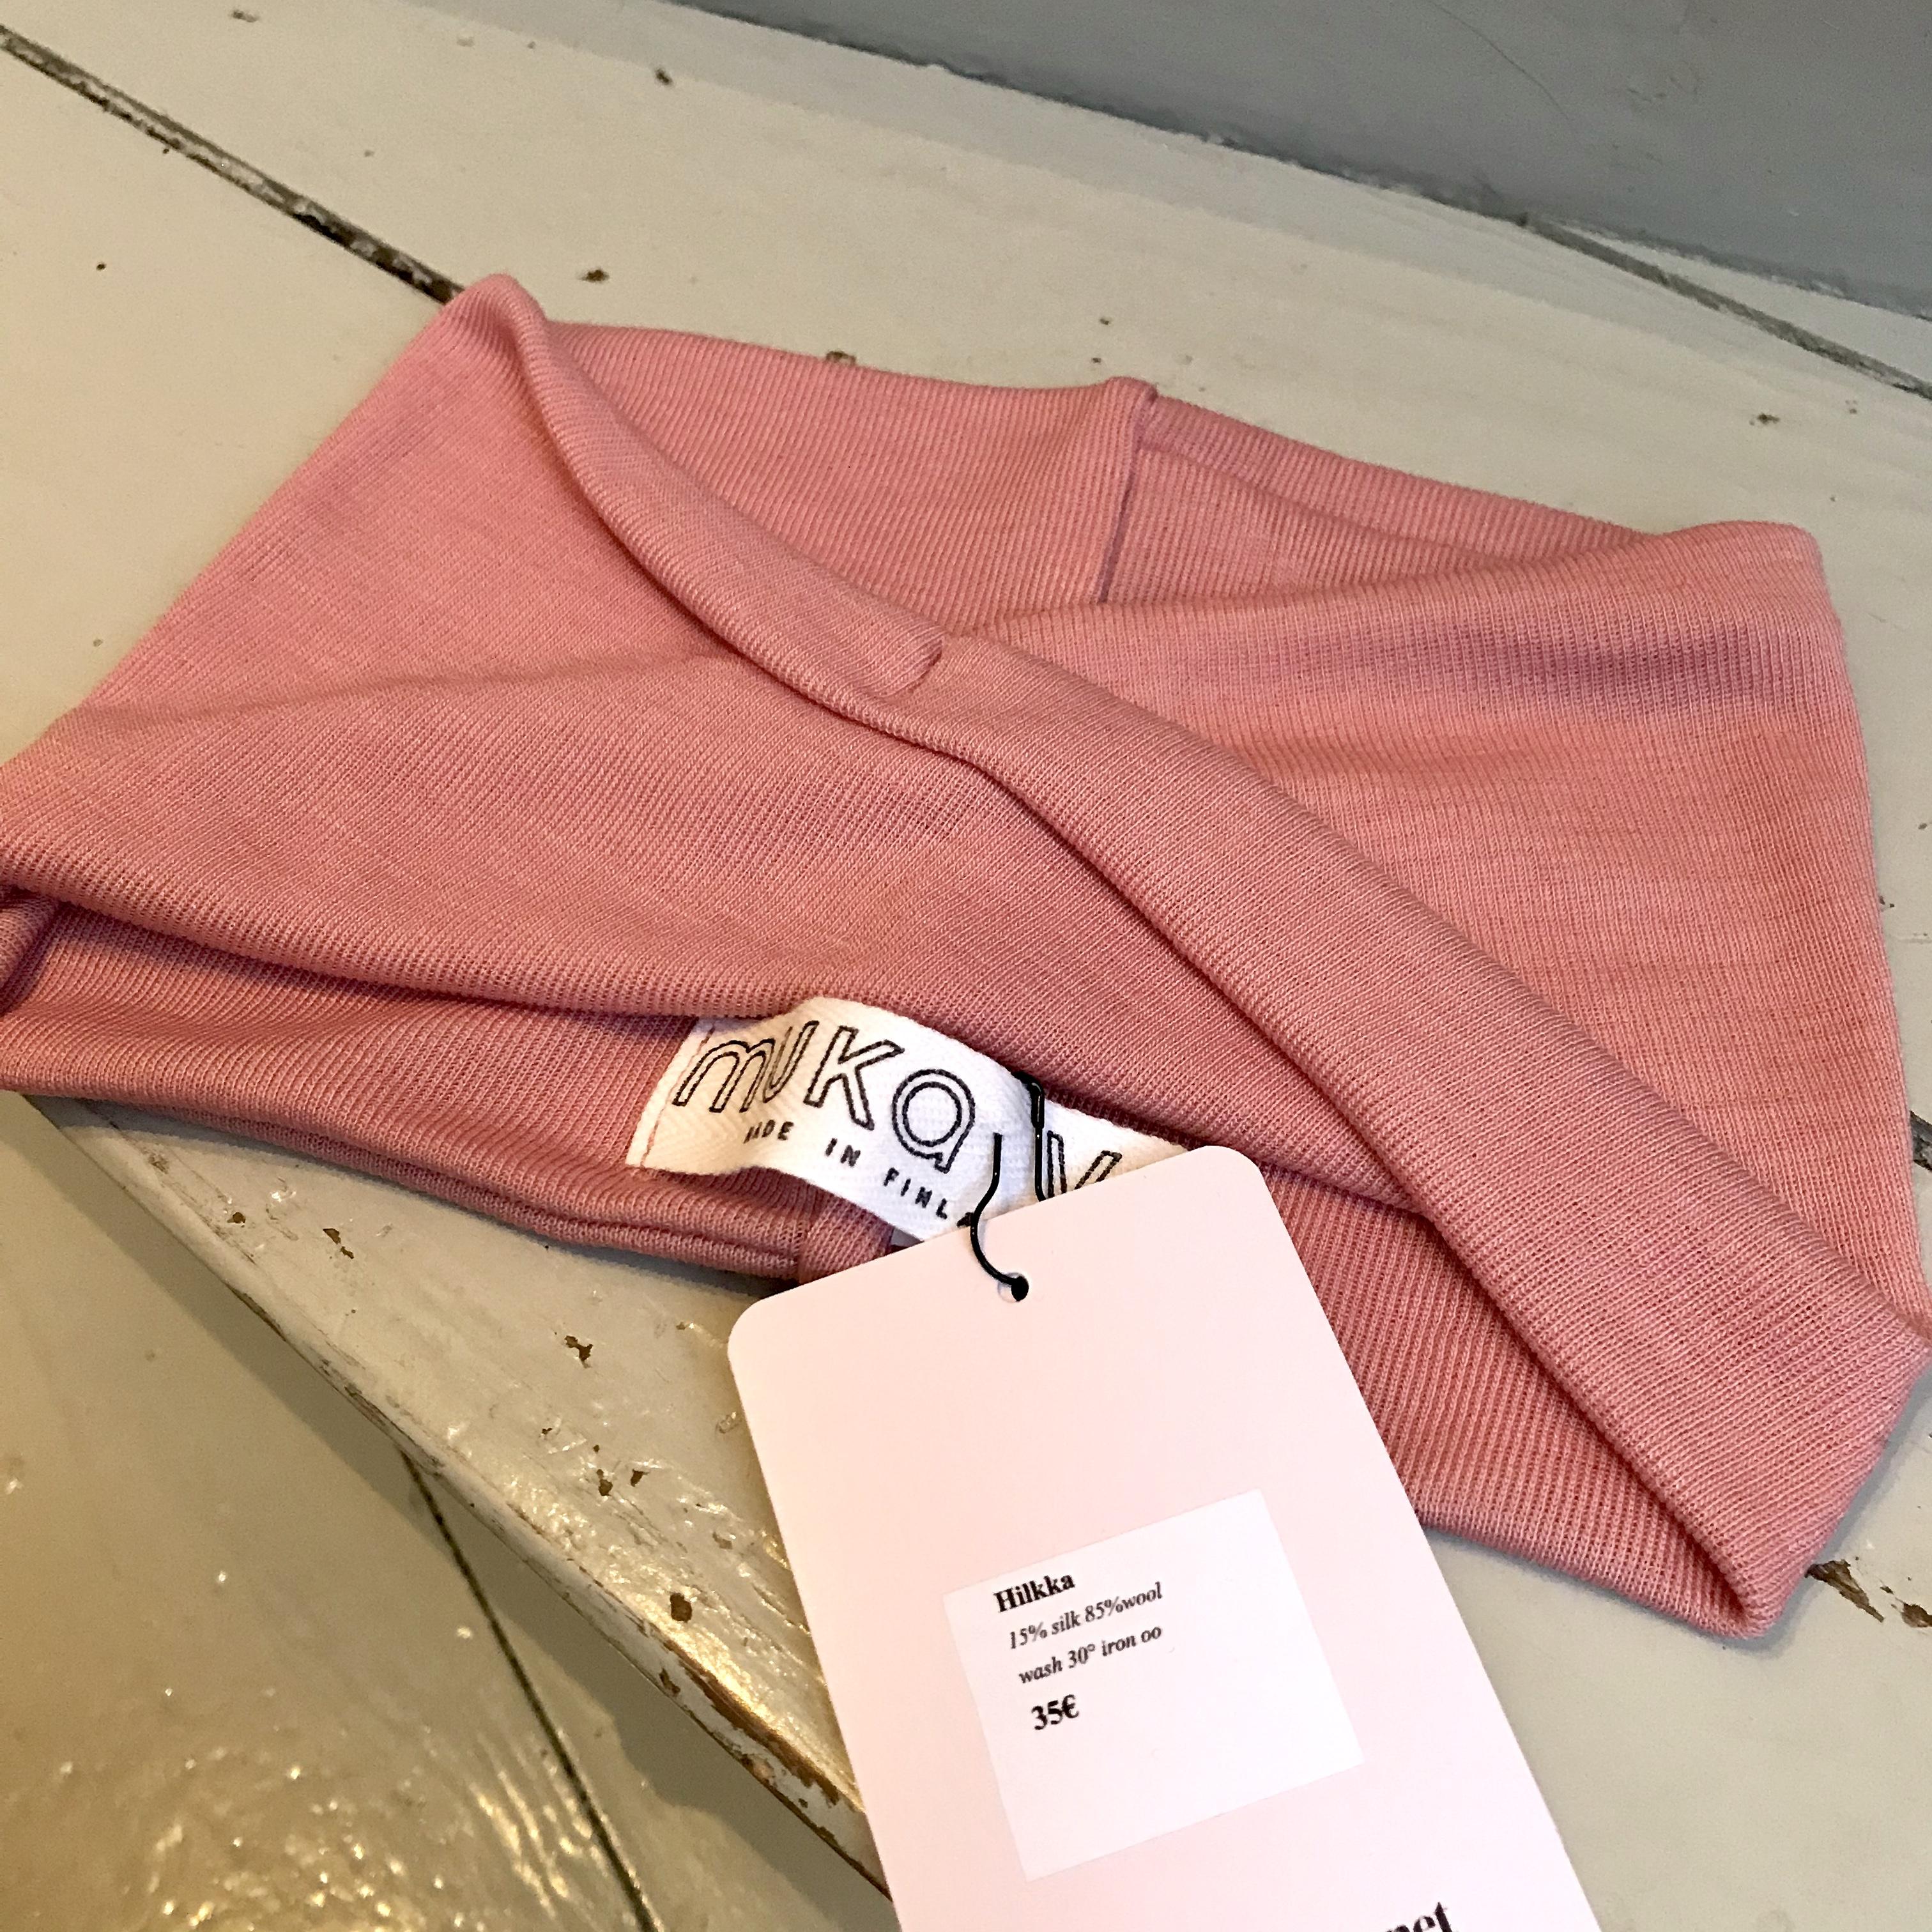 MUKA VA: Hilkka-panta, silkki-villaa, eri värejä